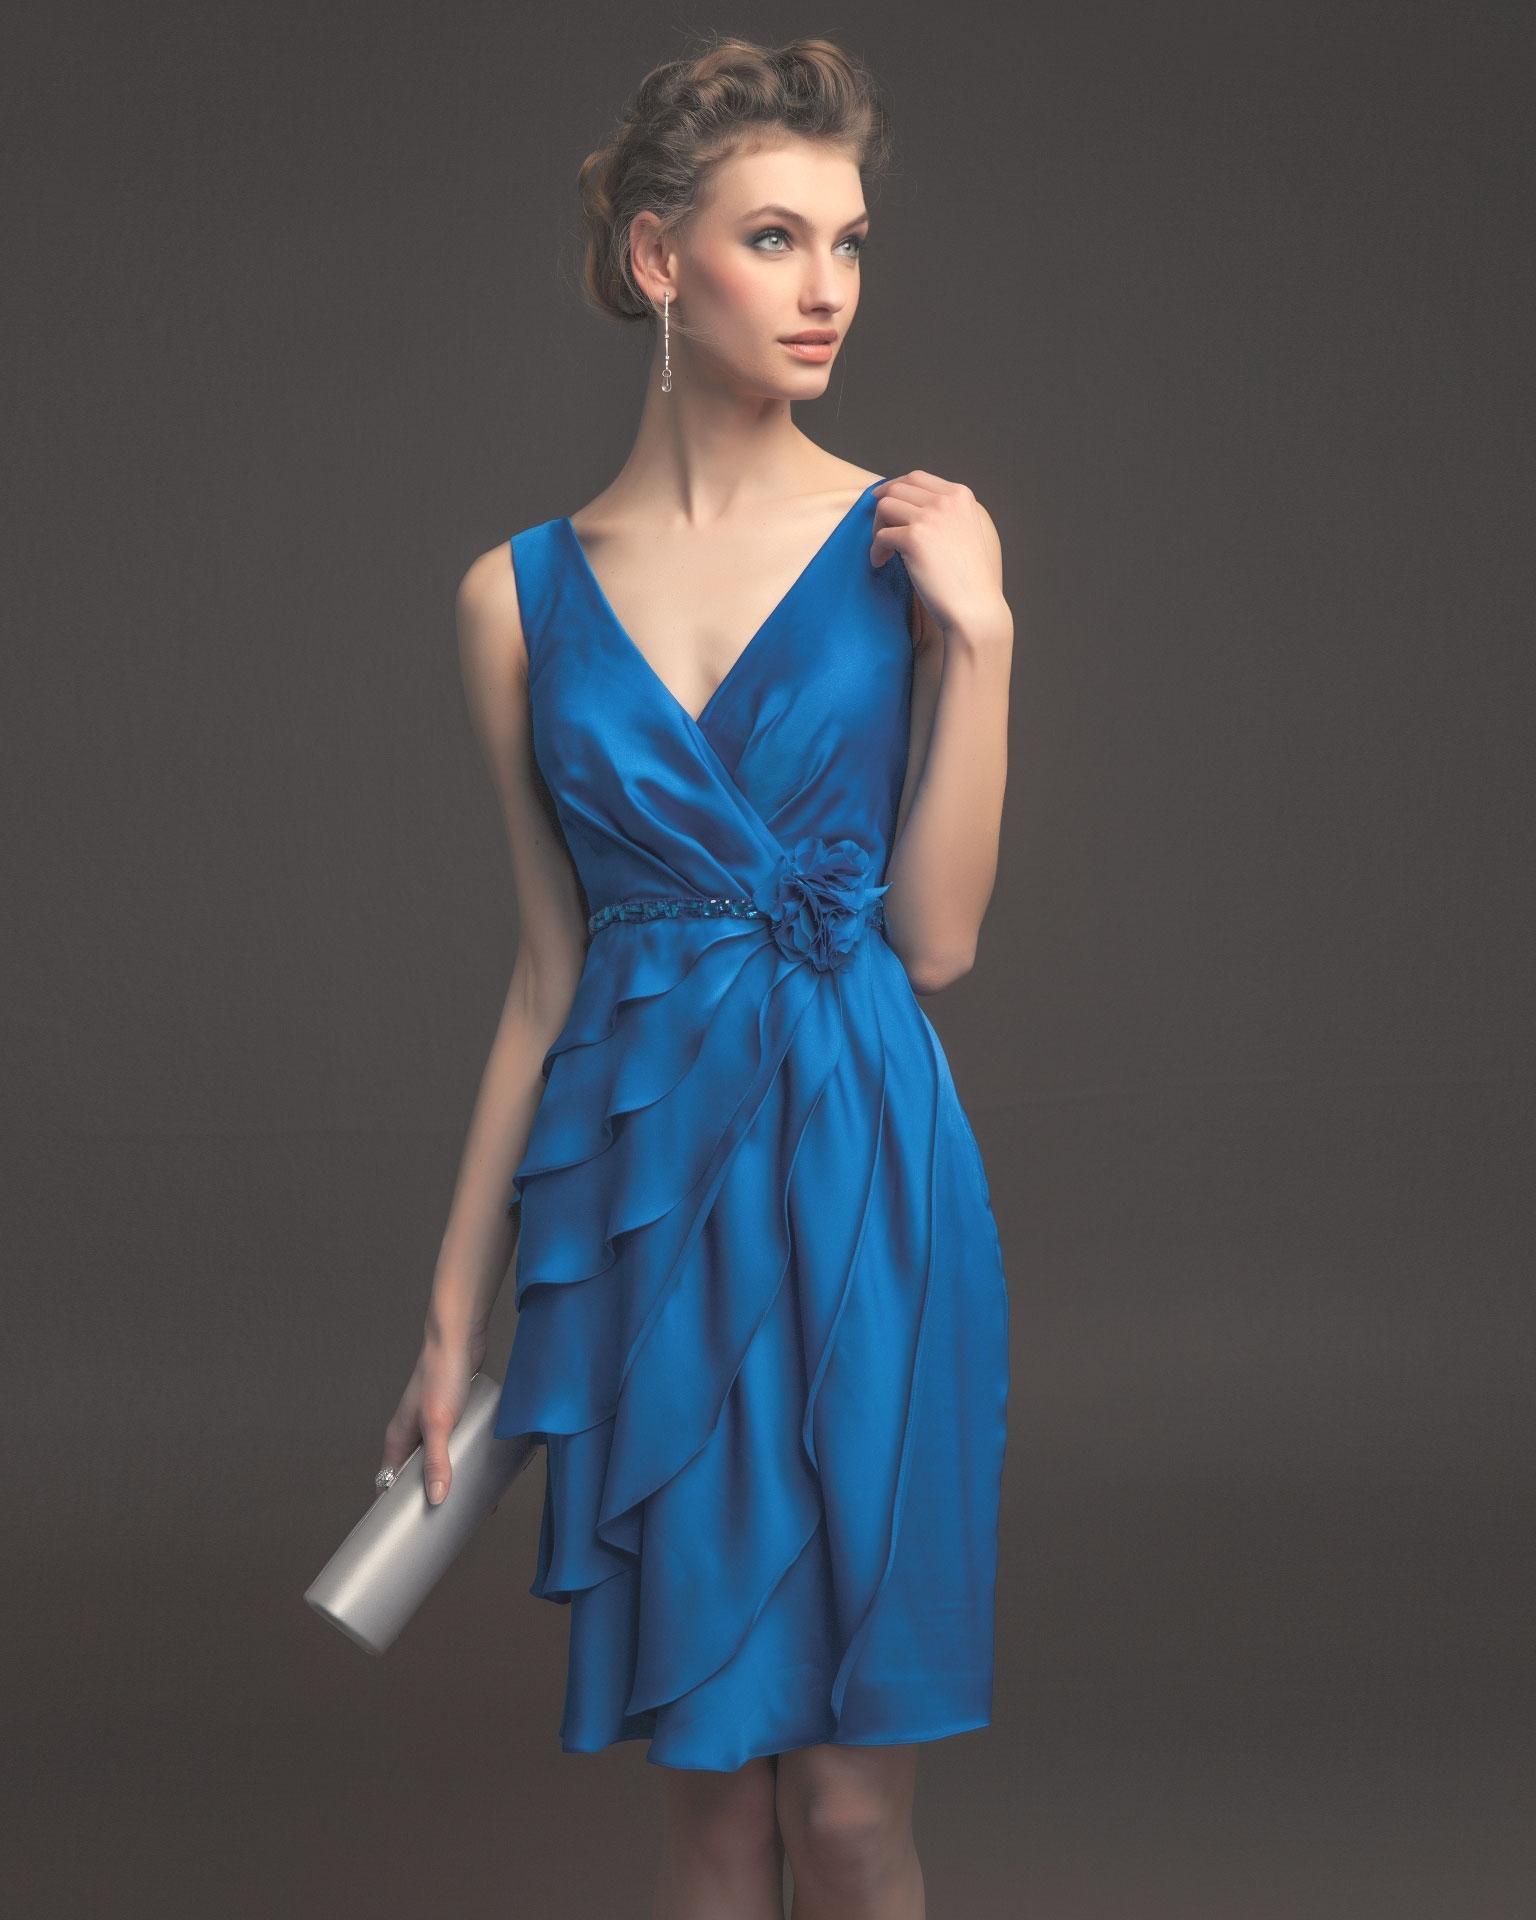 b0855974f37ac53 Не за горами новогодние праздники , может эта коллекция поможет кому то в  выборе нарядного платья для торжественных и праздничных мероприятий 2013 -  2014 ...